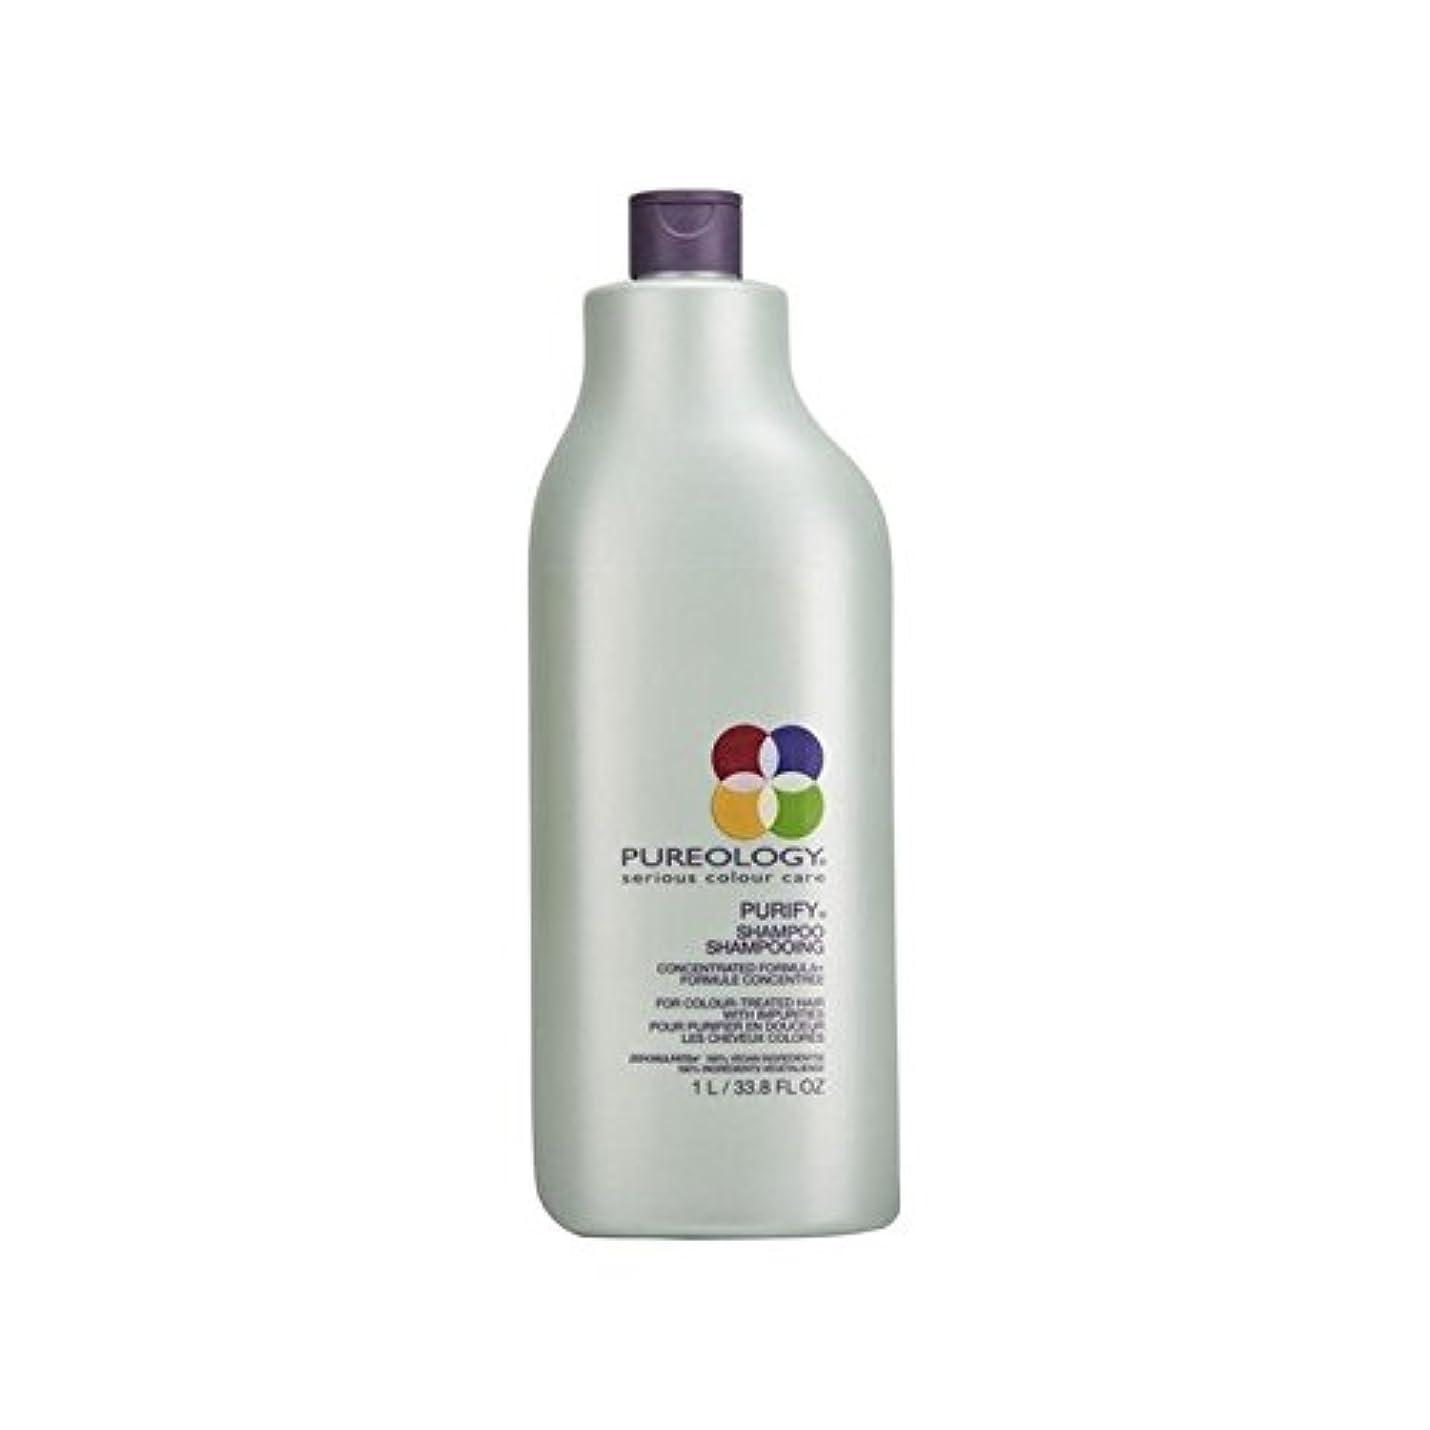 くるみ実際の民主党Pureology Purify Shampoo (1000ml) (Pack of 6) - ののシャンプー(千ミリリットル) x6 [並行輸入品]